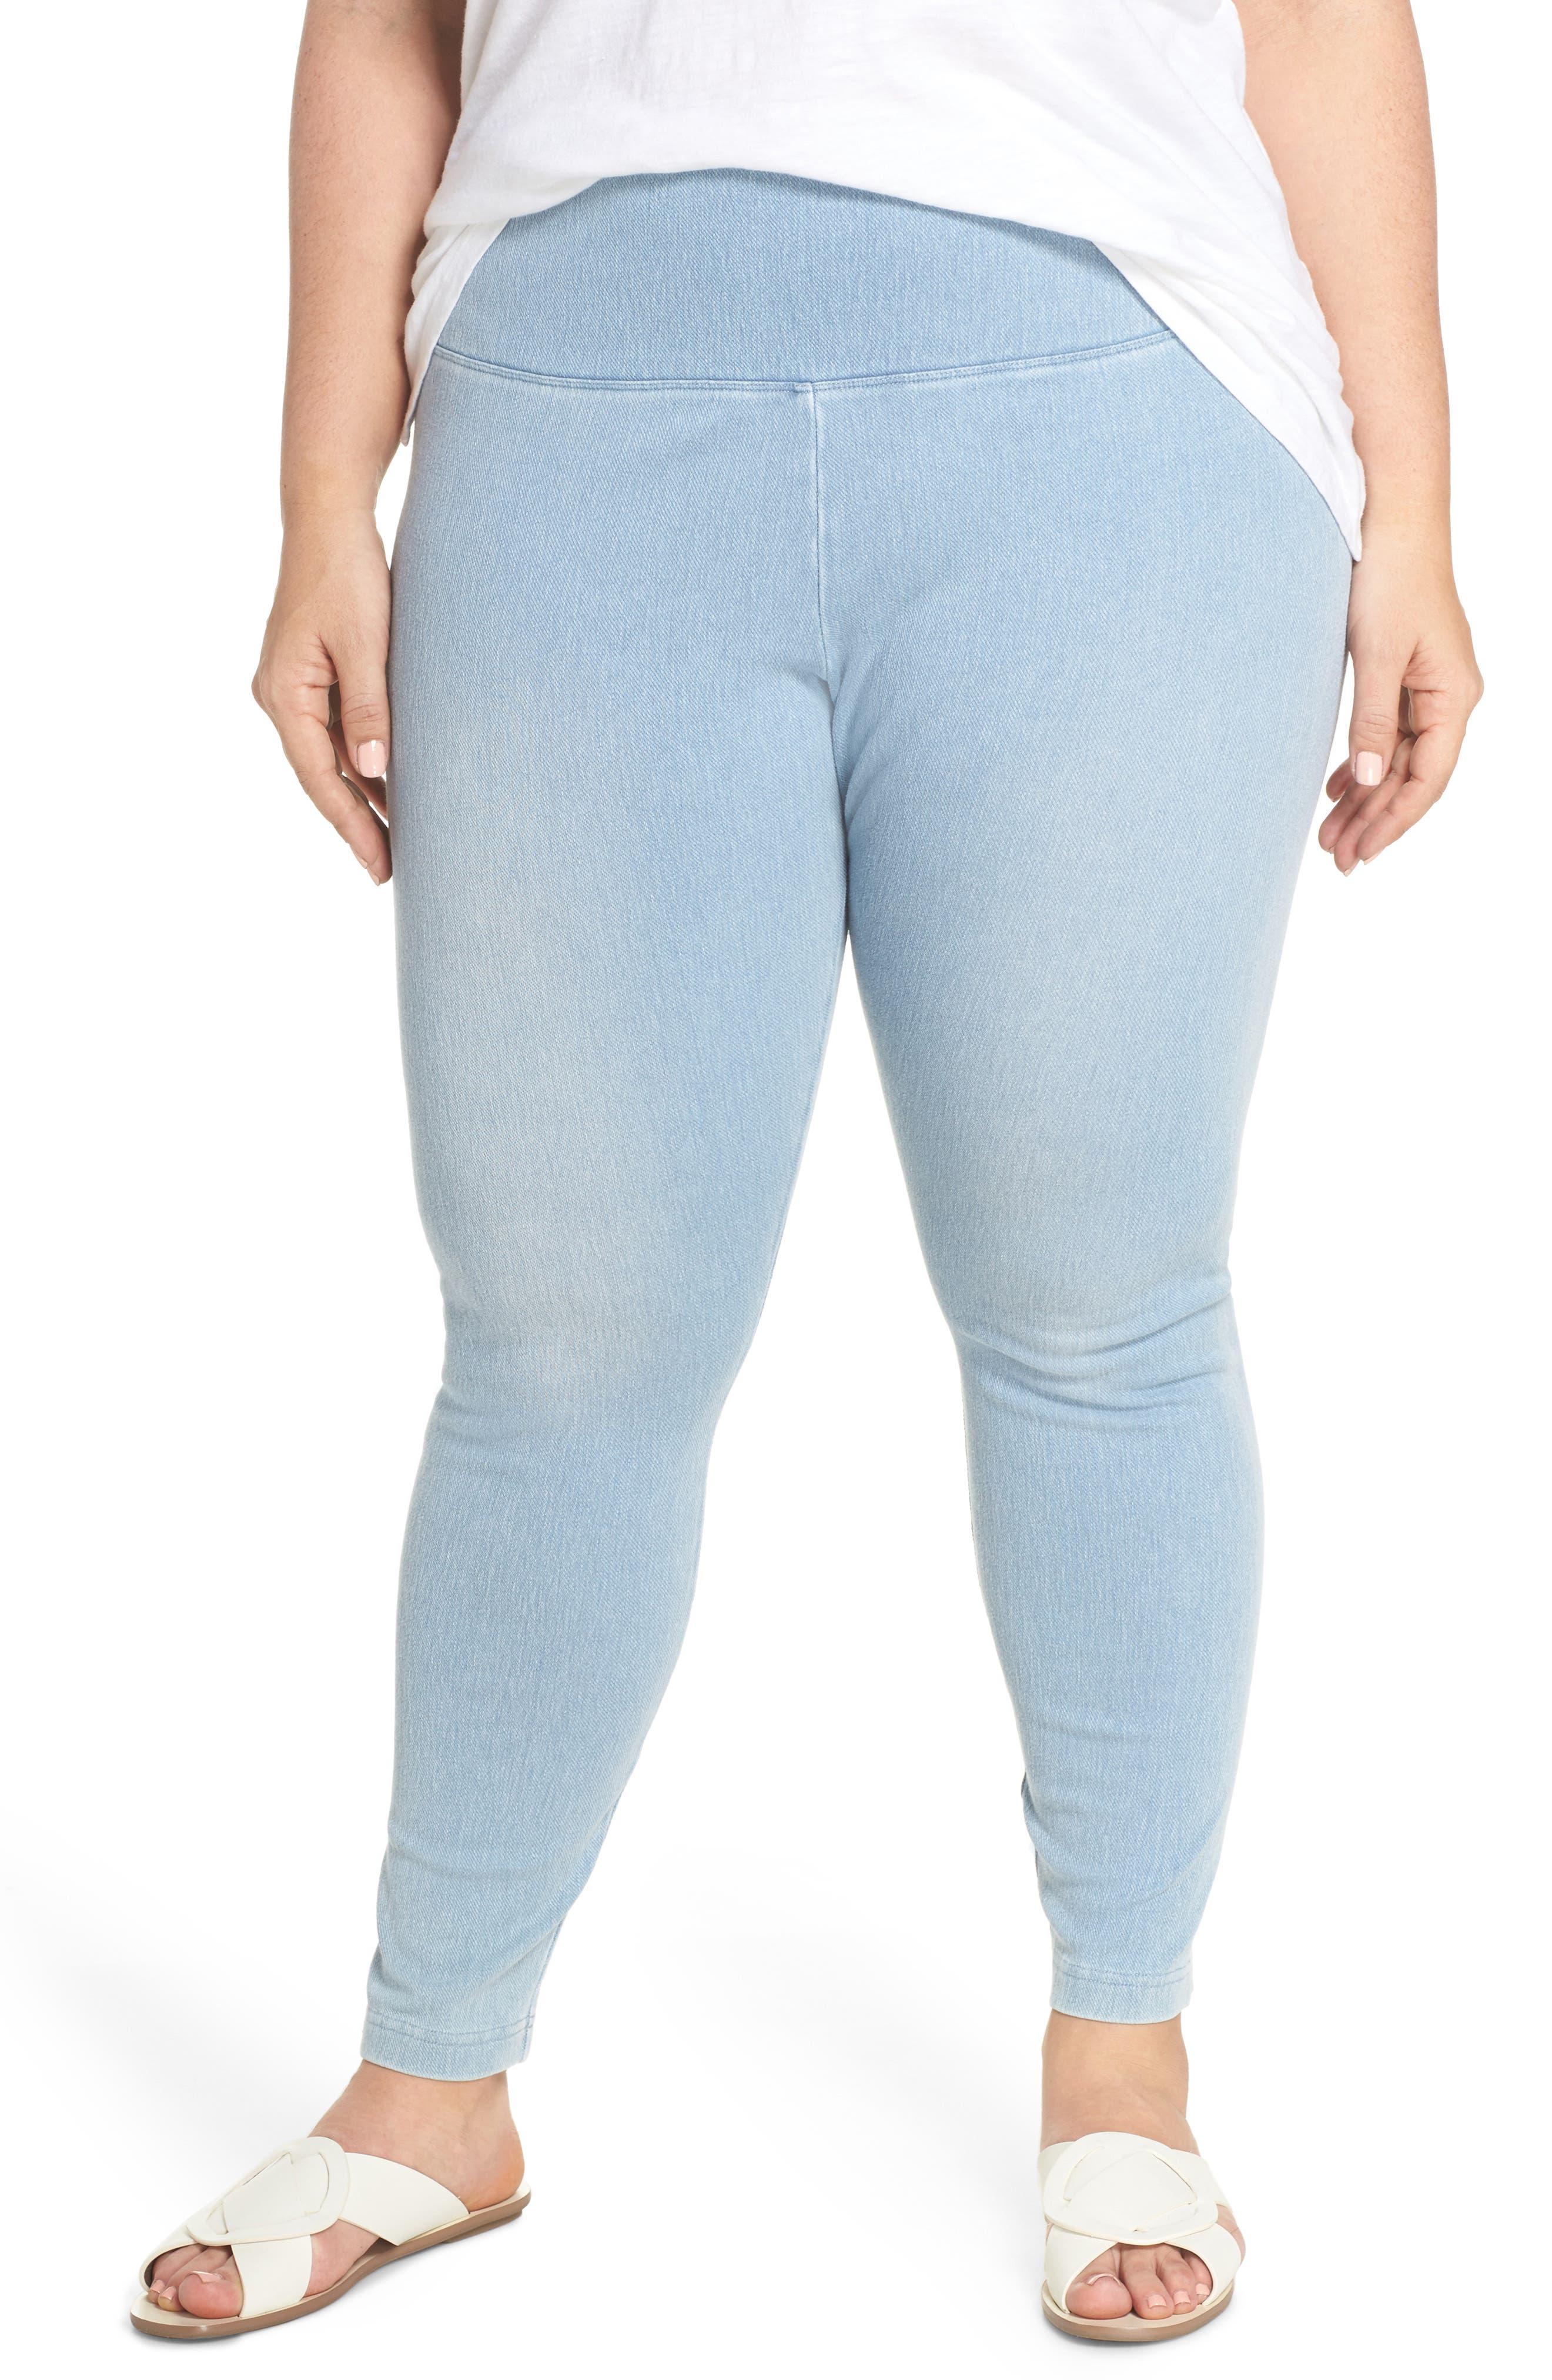 Stretch Denim Leggings,                         Main,                         color, Cashmere Blue